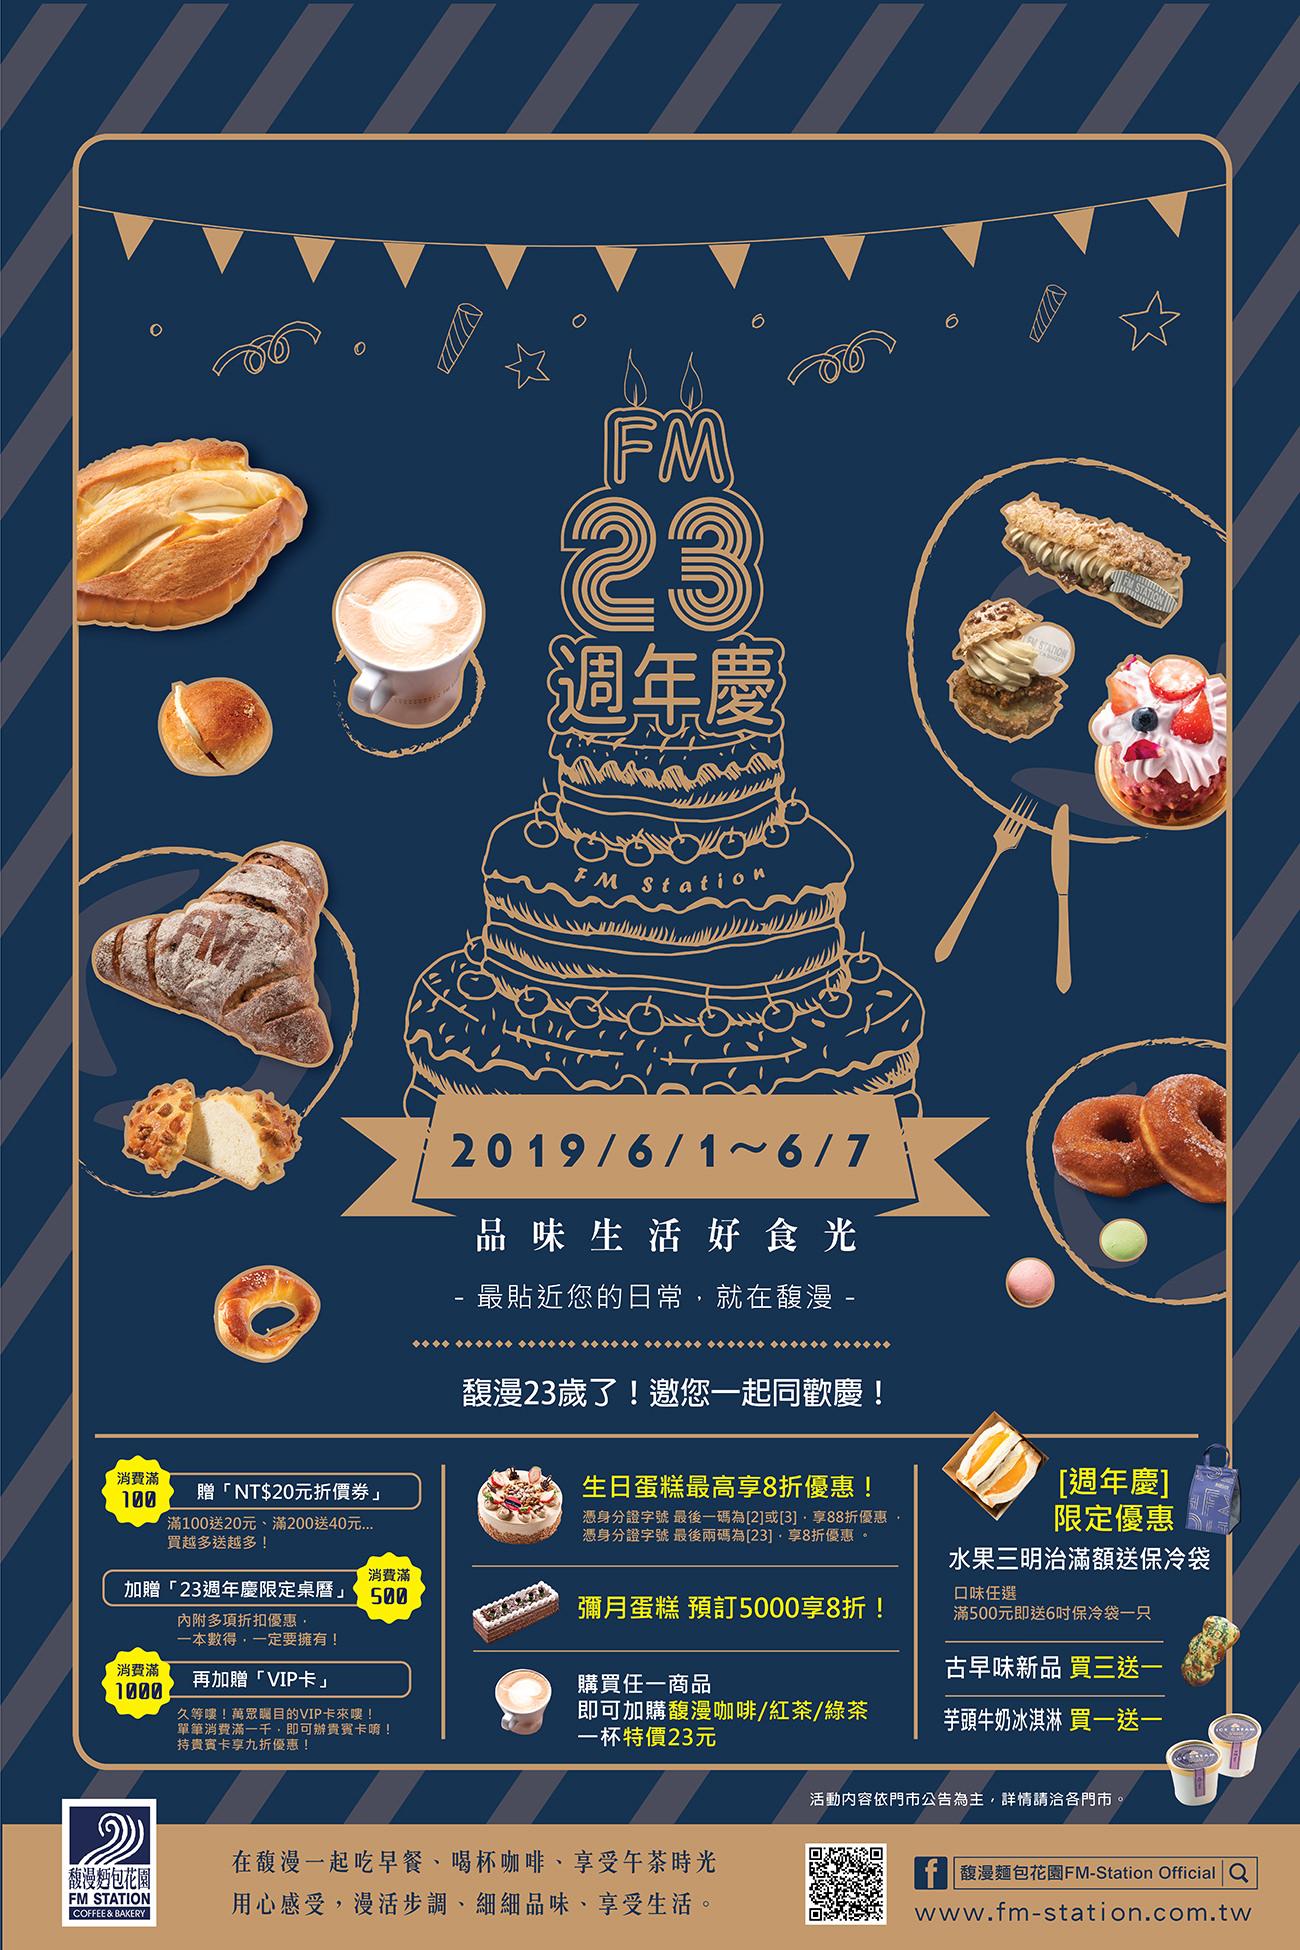 台中馥漫麵包花園,23歲生日,新鮮水果三明治,芋頭冰,限時優惠